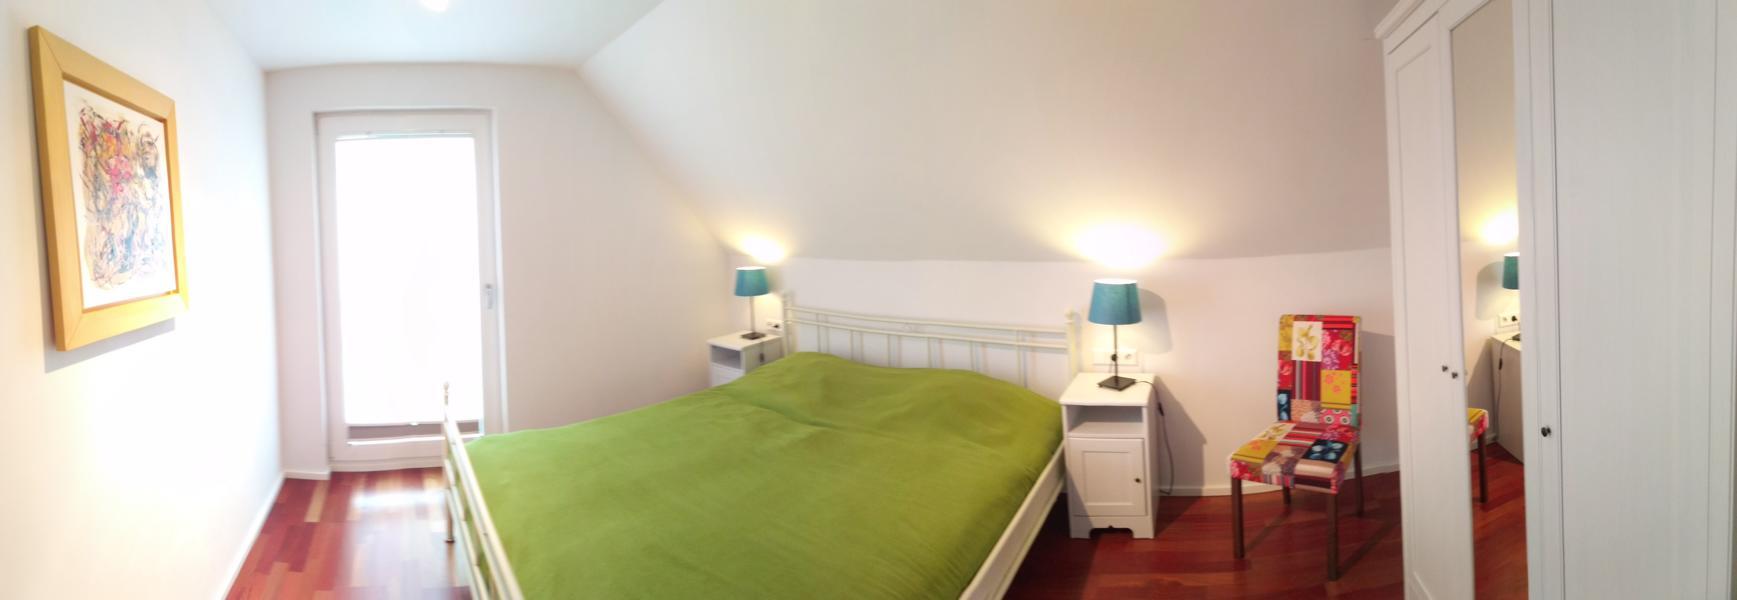 luxus-ferienhaus-mit-sauna-alpirsbach-entspannung-im-schwarzwald-schlafzimmer-og-1